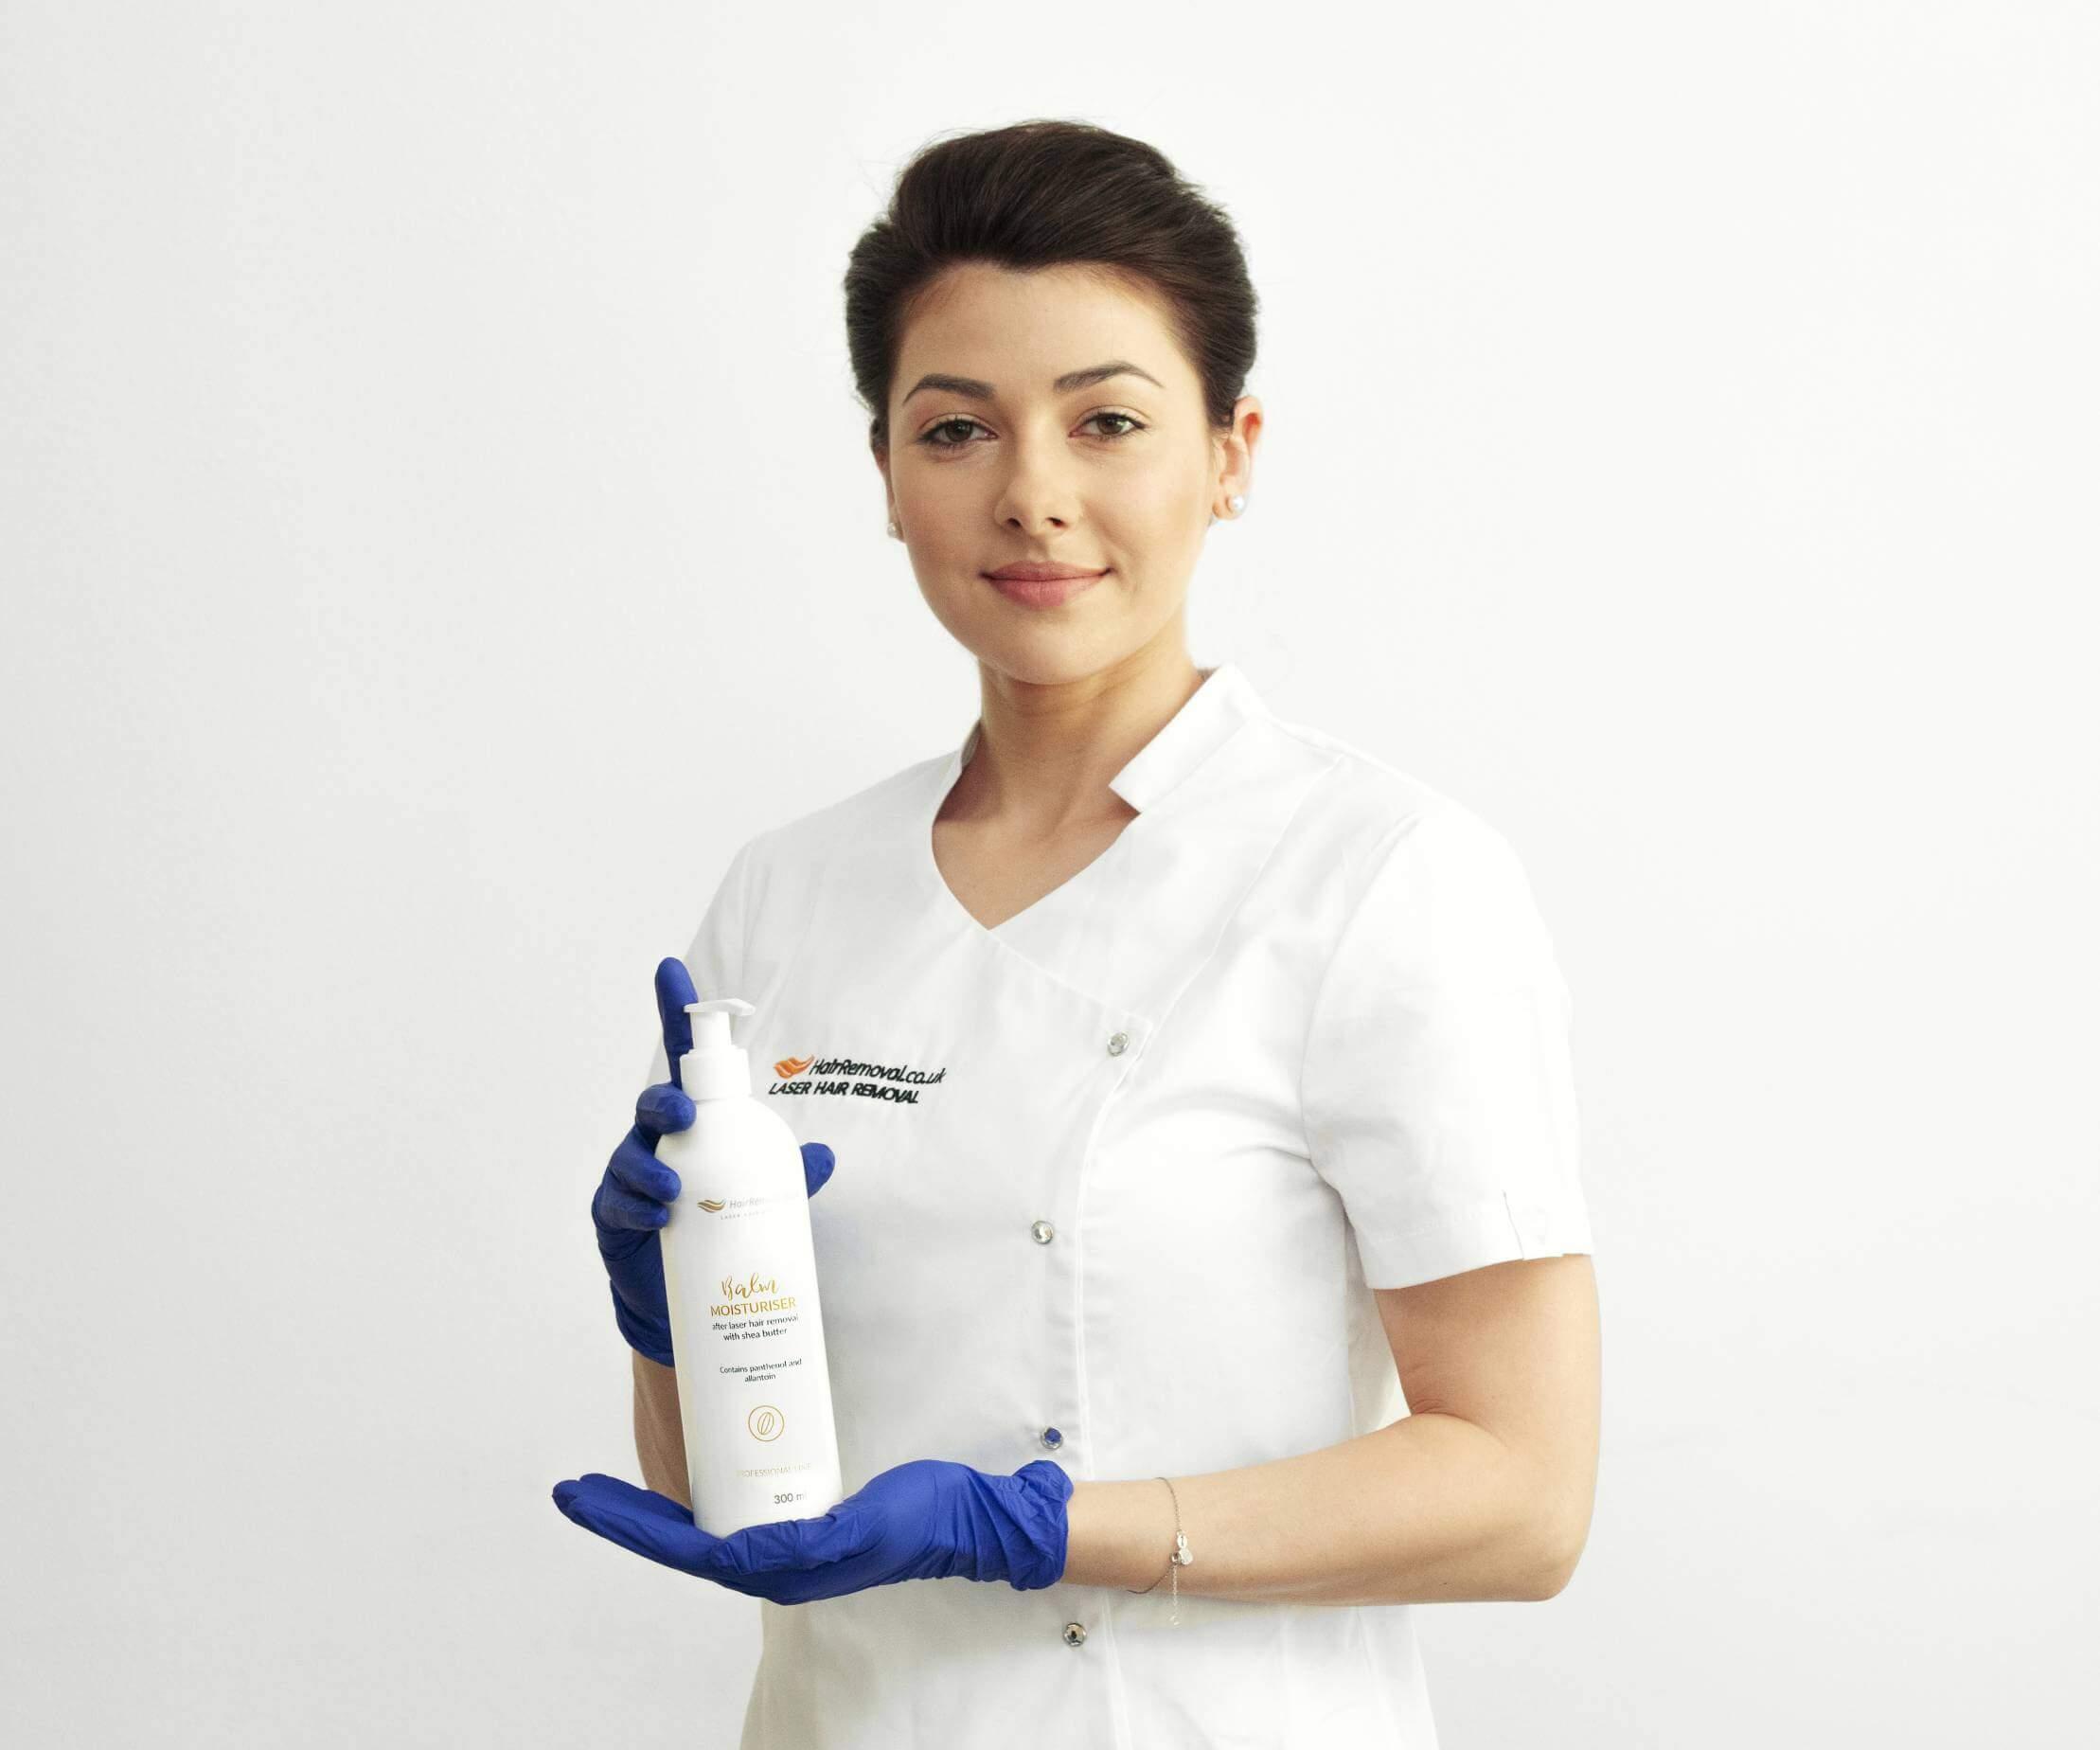 Kosmetolog depilacja.pl trzyma balsam nawilżający po zabiegu depilacji laserowej.